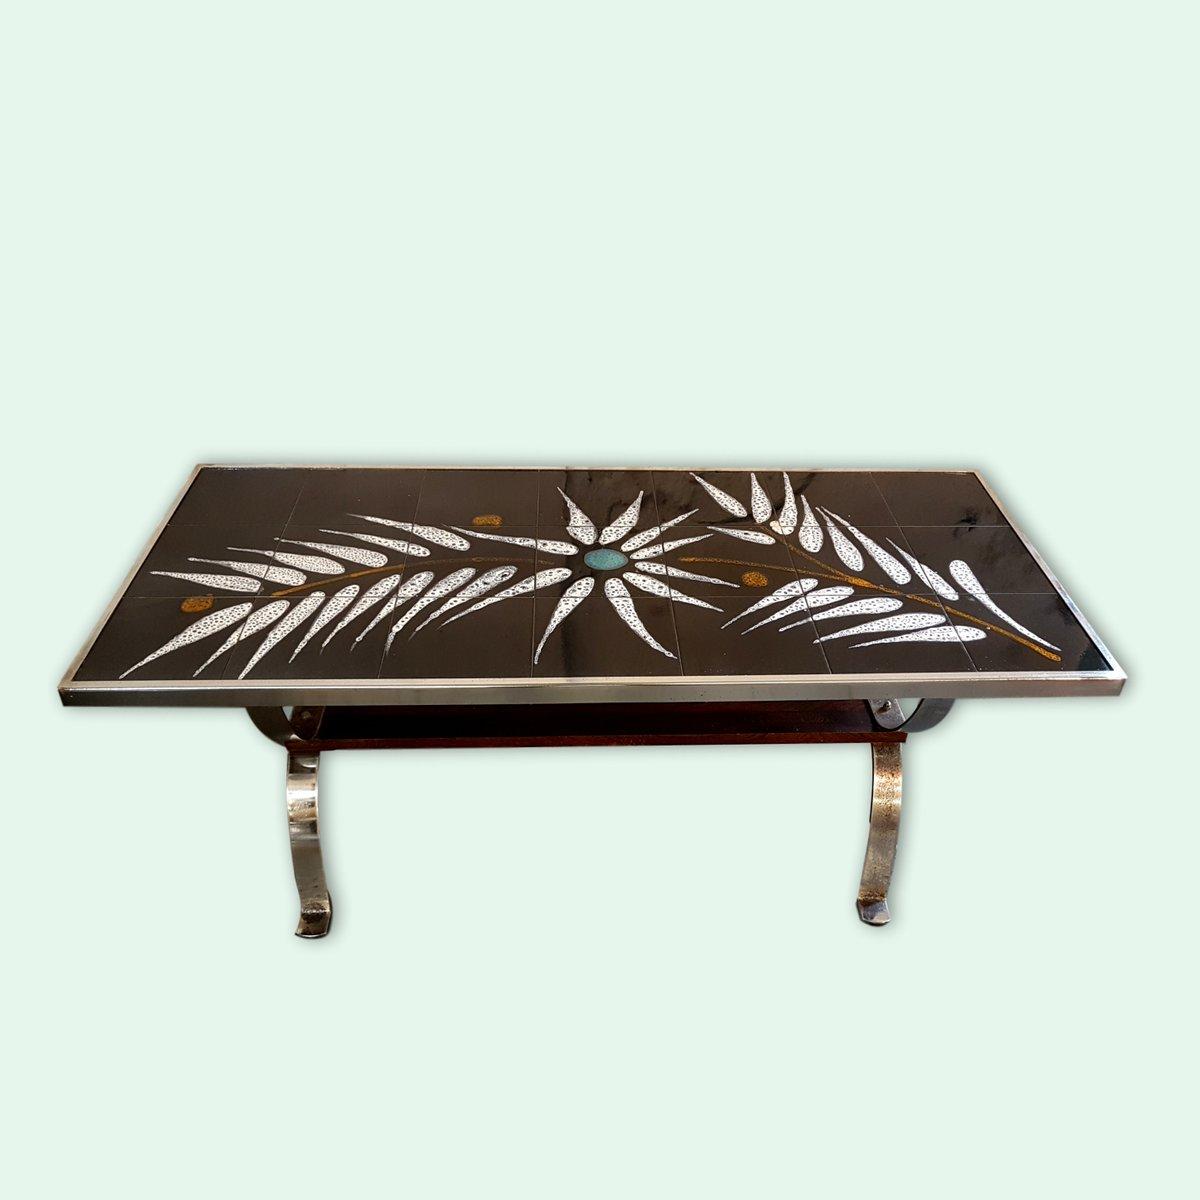 gefliester couchtisch mit farnkraut motiv 1960er bei pamono kaufen. Black Bedroom Furniture Sets. Home Design Ideas